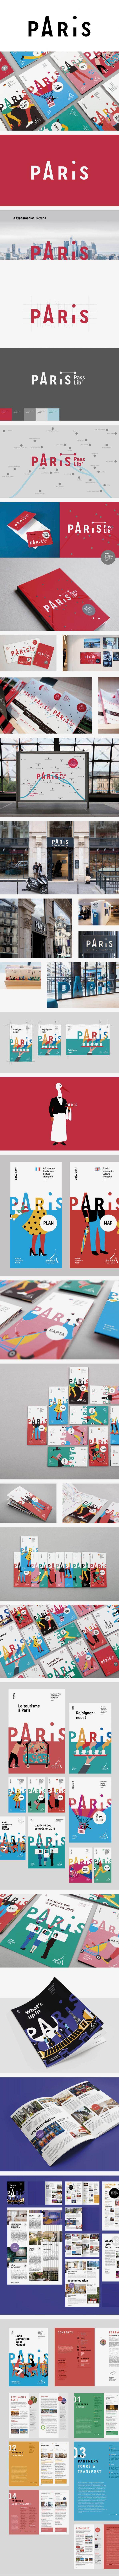 More corporate-designs are collected on: https://pinterest.com/rothenhaeusler/best-of-corporate-design/ · Agency: Grapheine (Paris) · Client: L'Office du Tourisme et des Congrès de Paris · Source: https://www.grapheine.com/branding/charte-graphique-office-de-tourisme-de-paris #branding #identity #corporatedesign